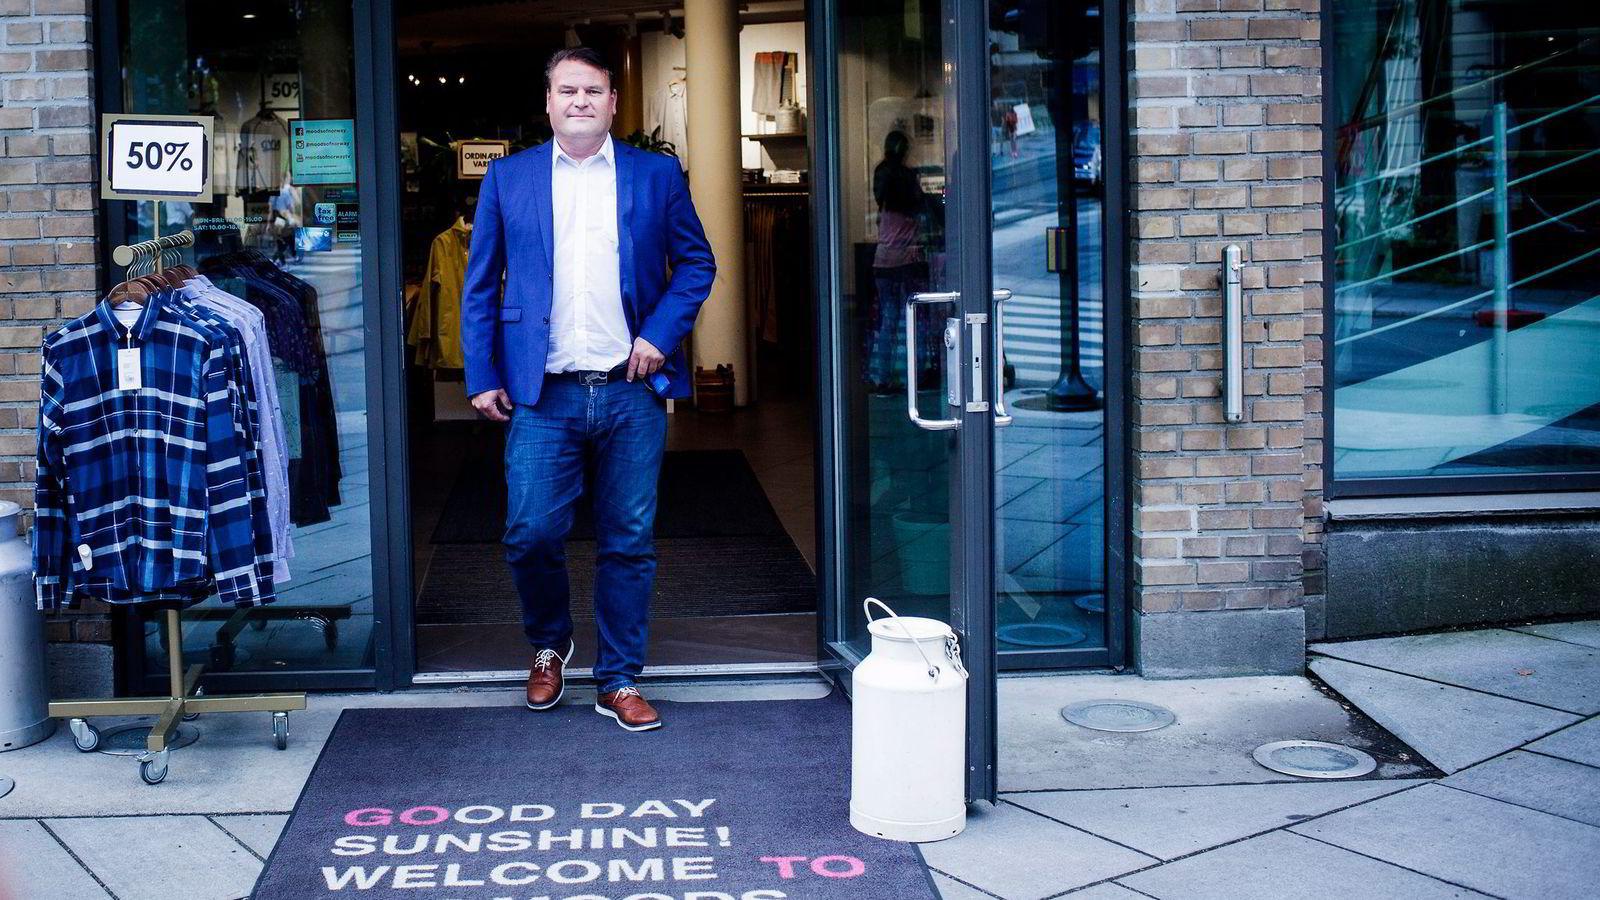 Daglig leder i Moods of Norway, Jan Egil Flo, vil ta tilbake kontrollen på det norske markedet. Her i Moods` super duper store i Hegdehaugsveien, Oslo.